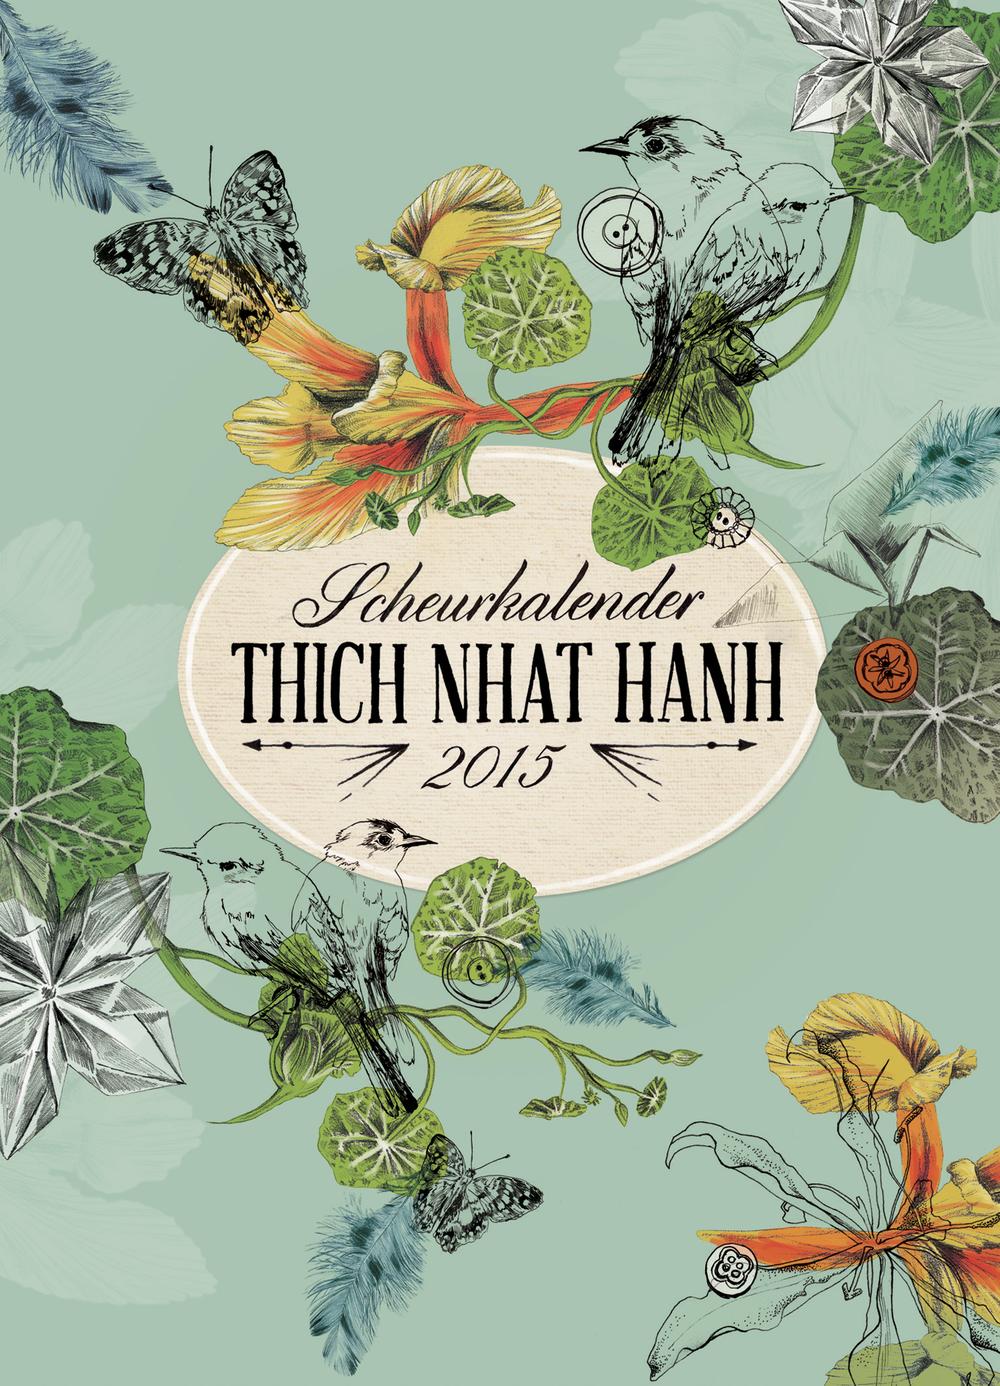 Thich_Nhat_Hanh_Scheurkalender_La_Scarlatte.png